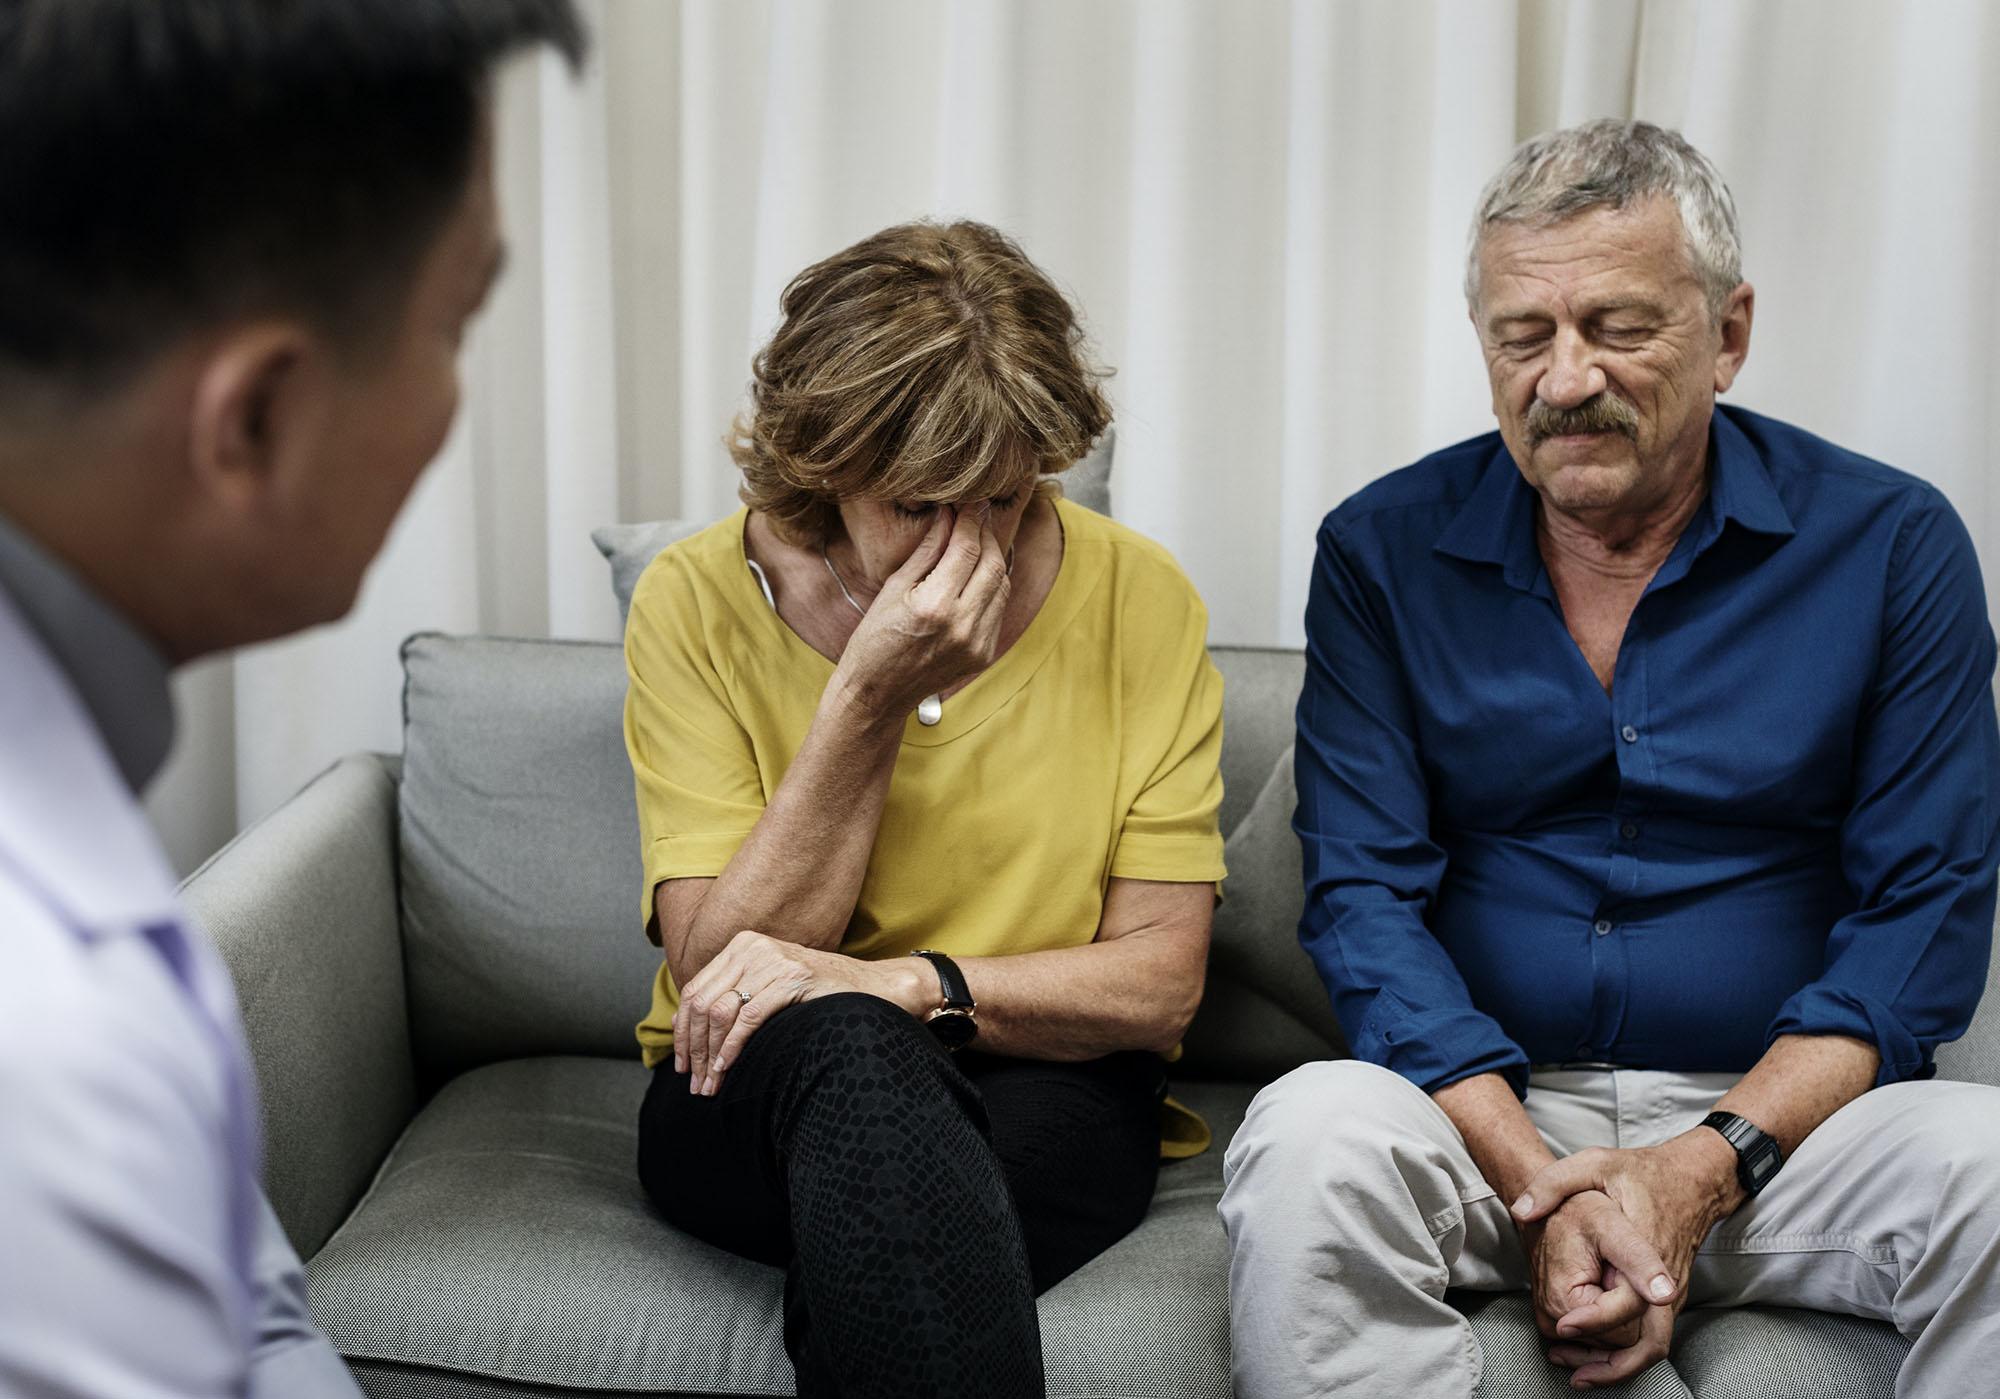 Un couple obtient l'aide d'un thérapeute pour surmonter son chagrin